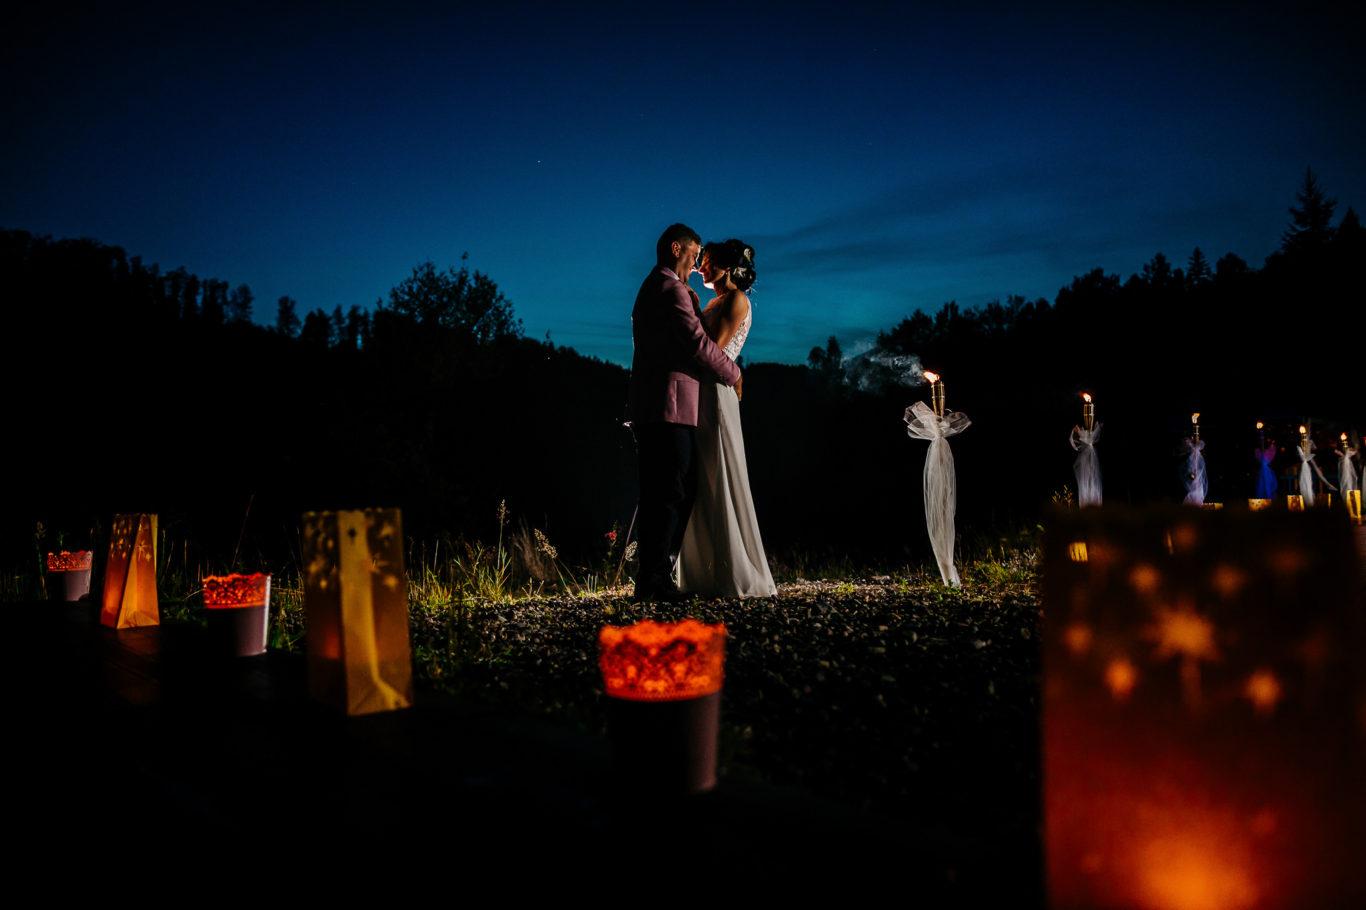 0587-fotografie-nunta-valea-de-pesti-vero-dani-fotograf-ciprian-dumitrescu-cd2_1620